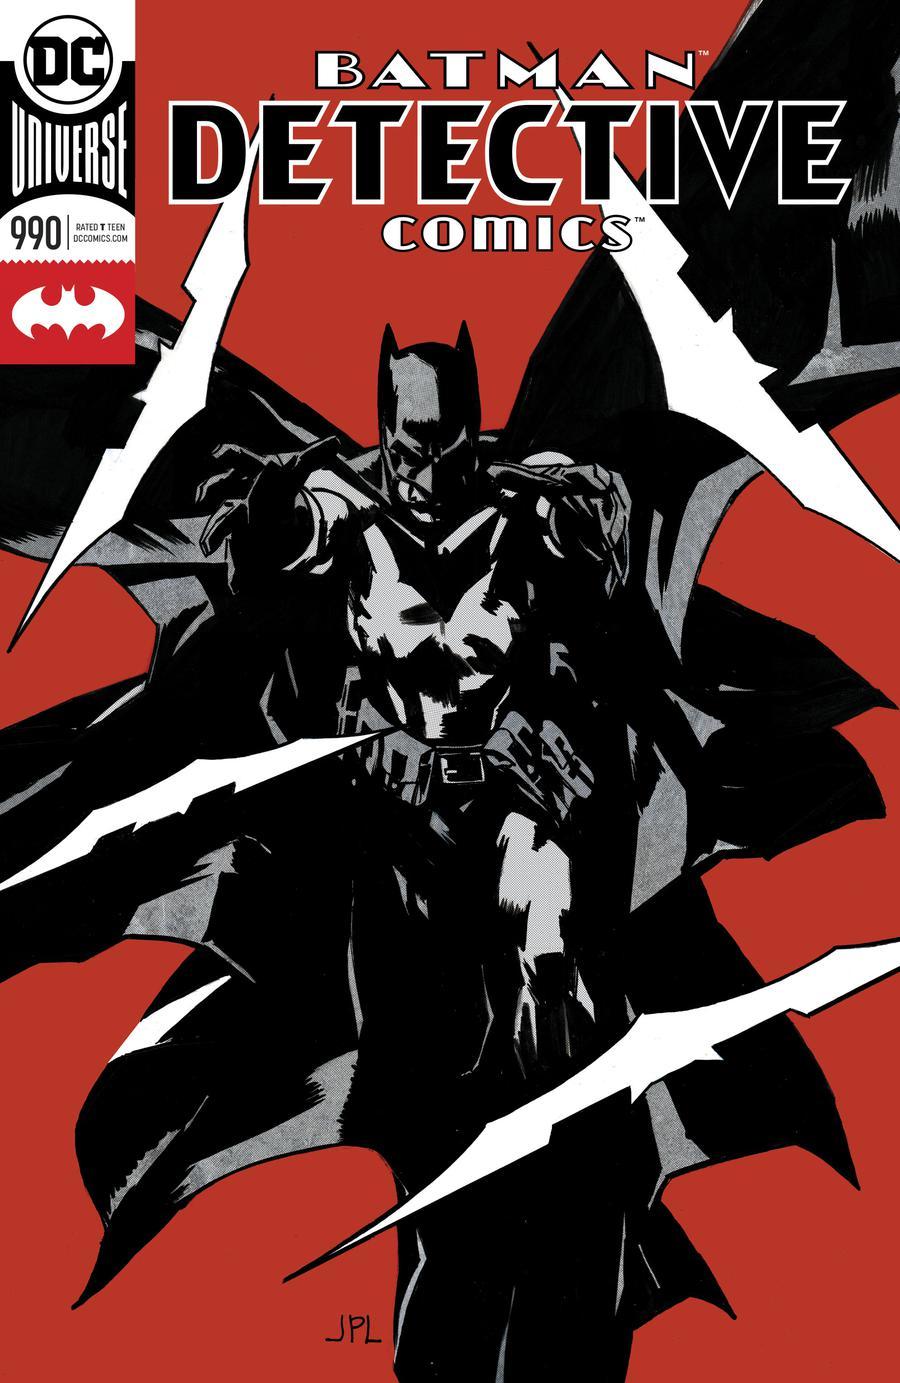 Detective Comics Vol 2 #990 Cover A Regular John Paul Leon Enhanced Foil Cover